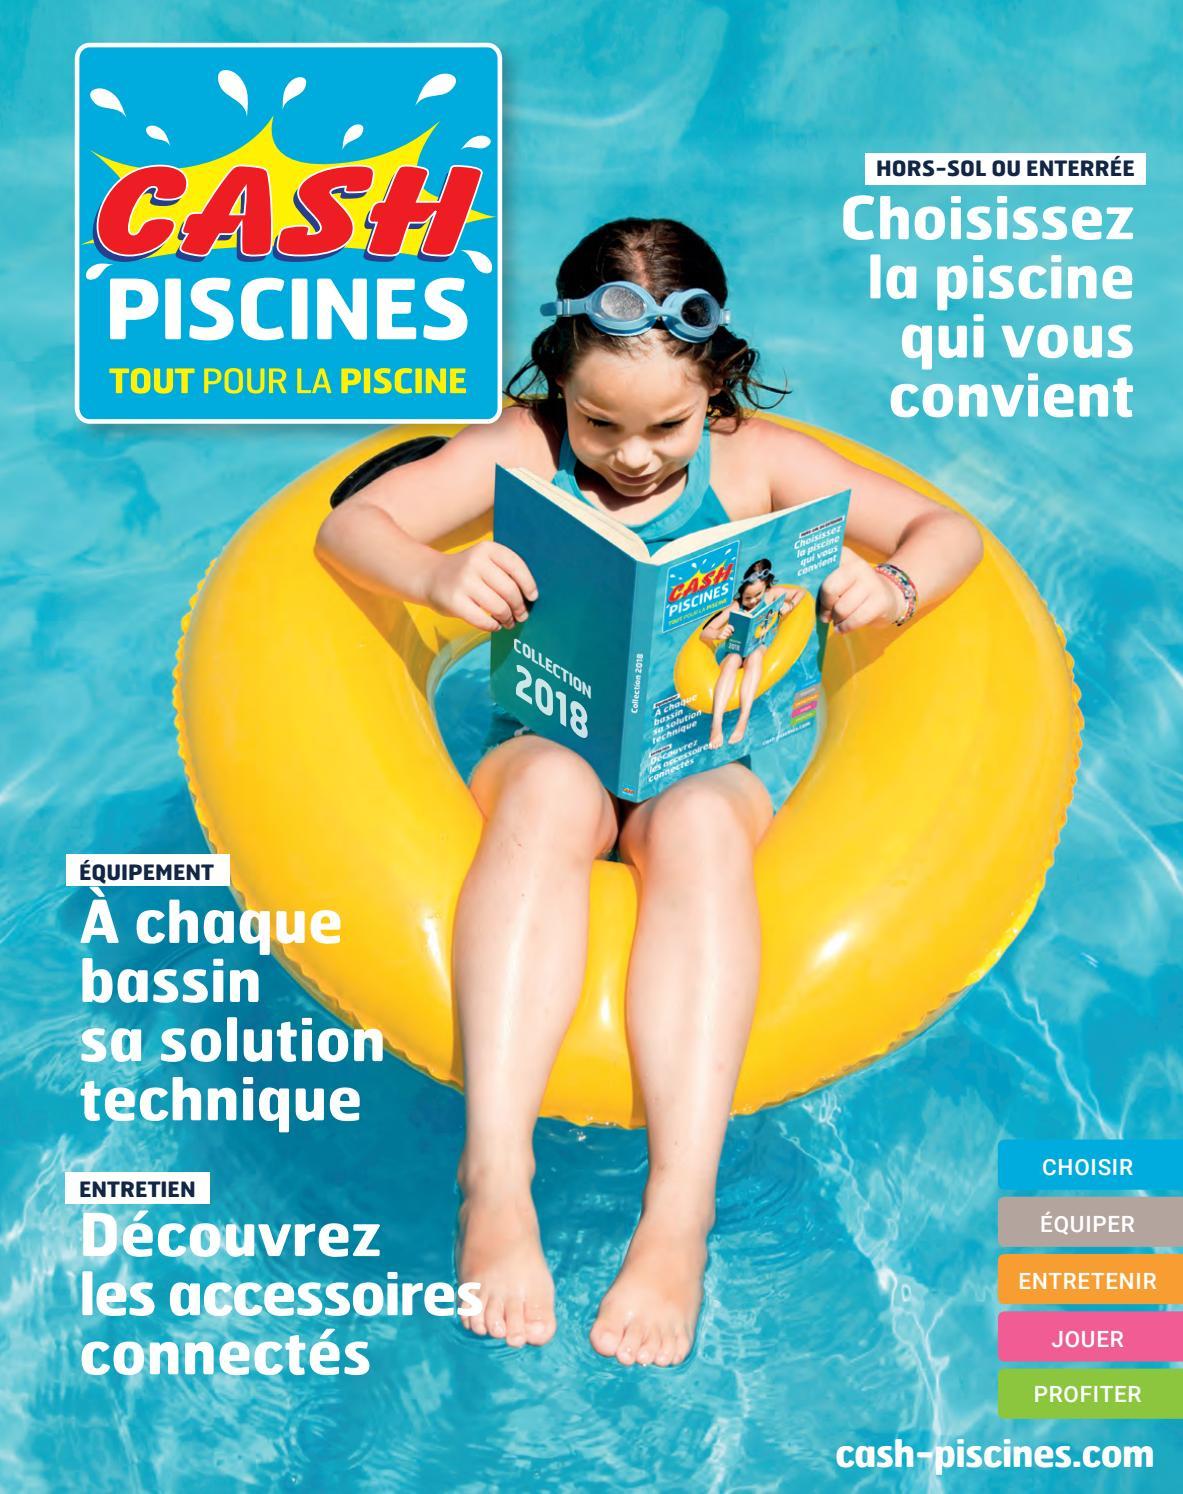 Catalogue Cash Piscine 2018 By Octave Octave - Issuu dedans Cash Piscine Langon